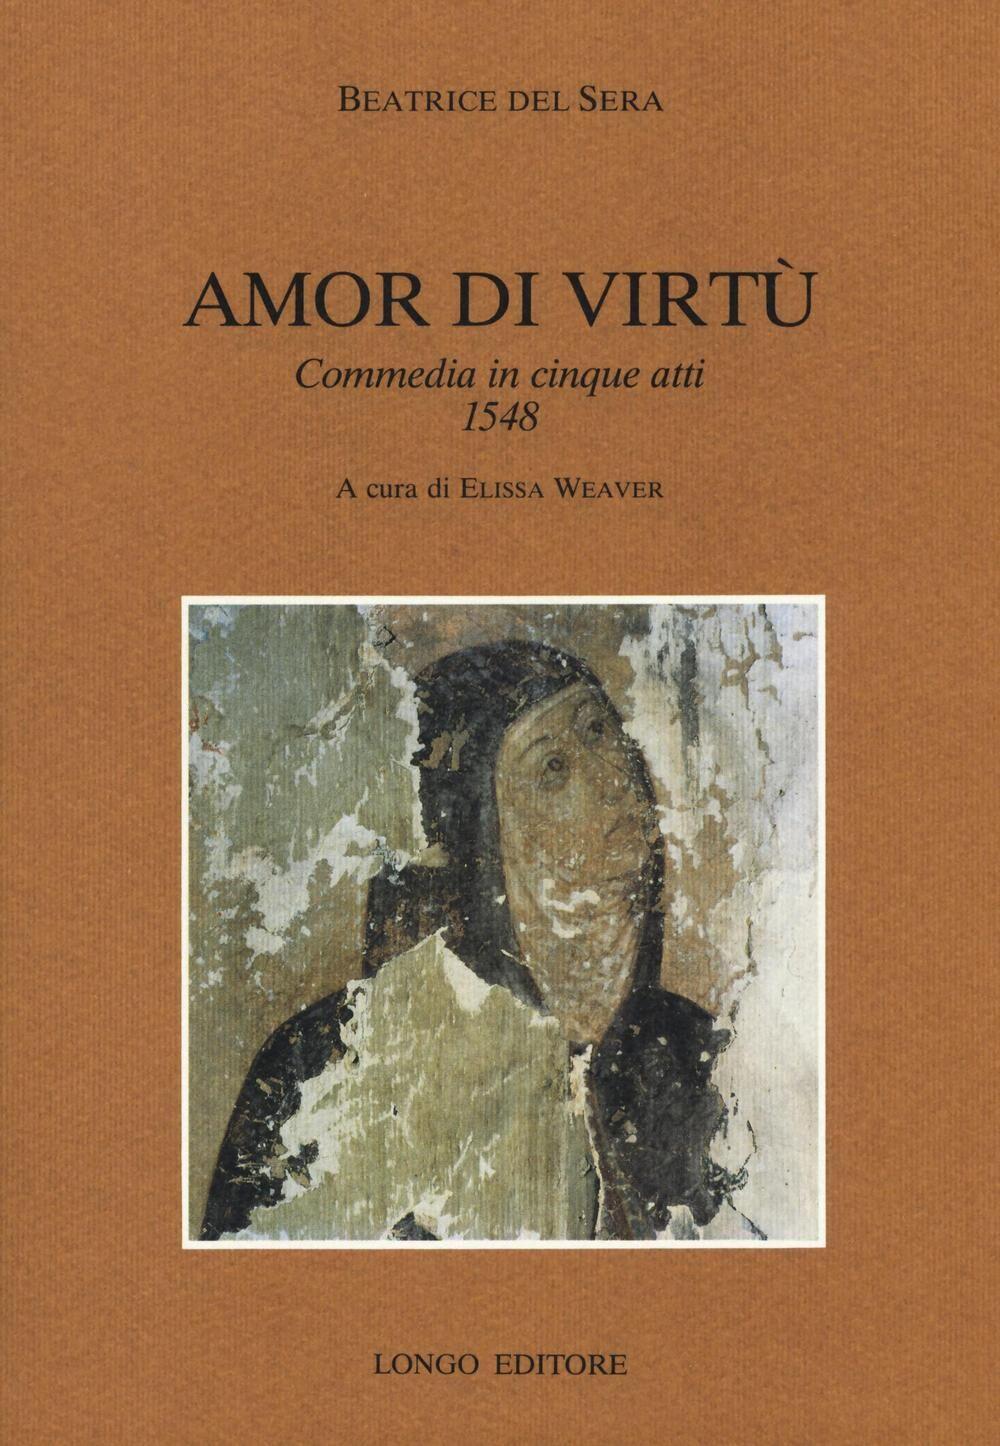 Amor di virtù. Commedia in V atti 1548